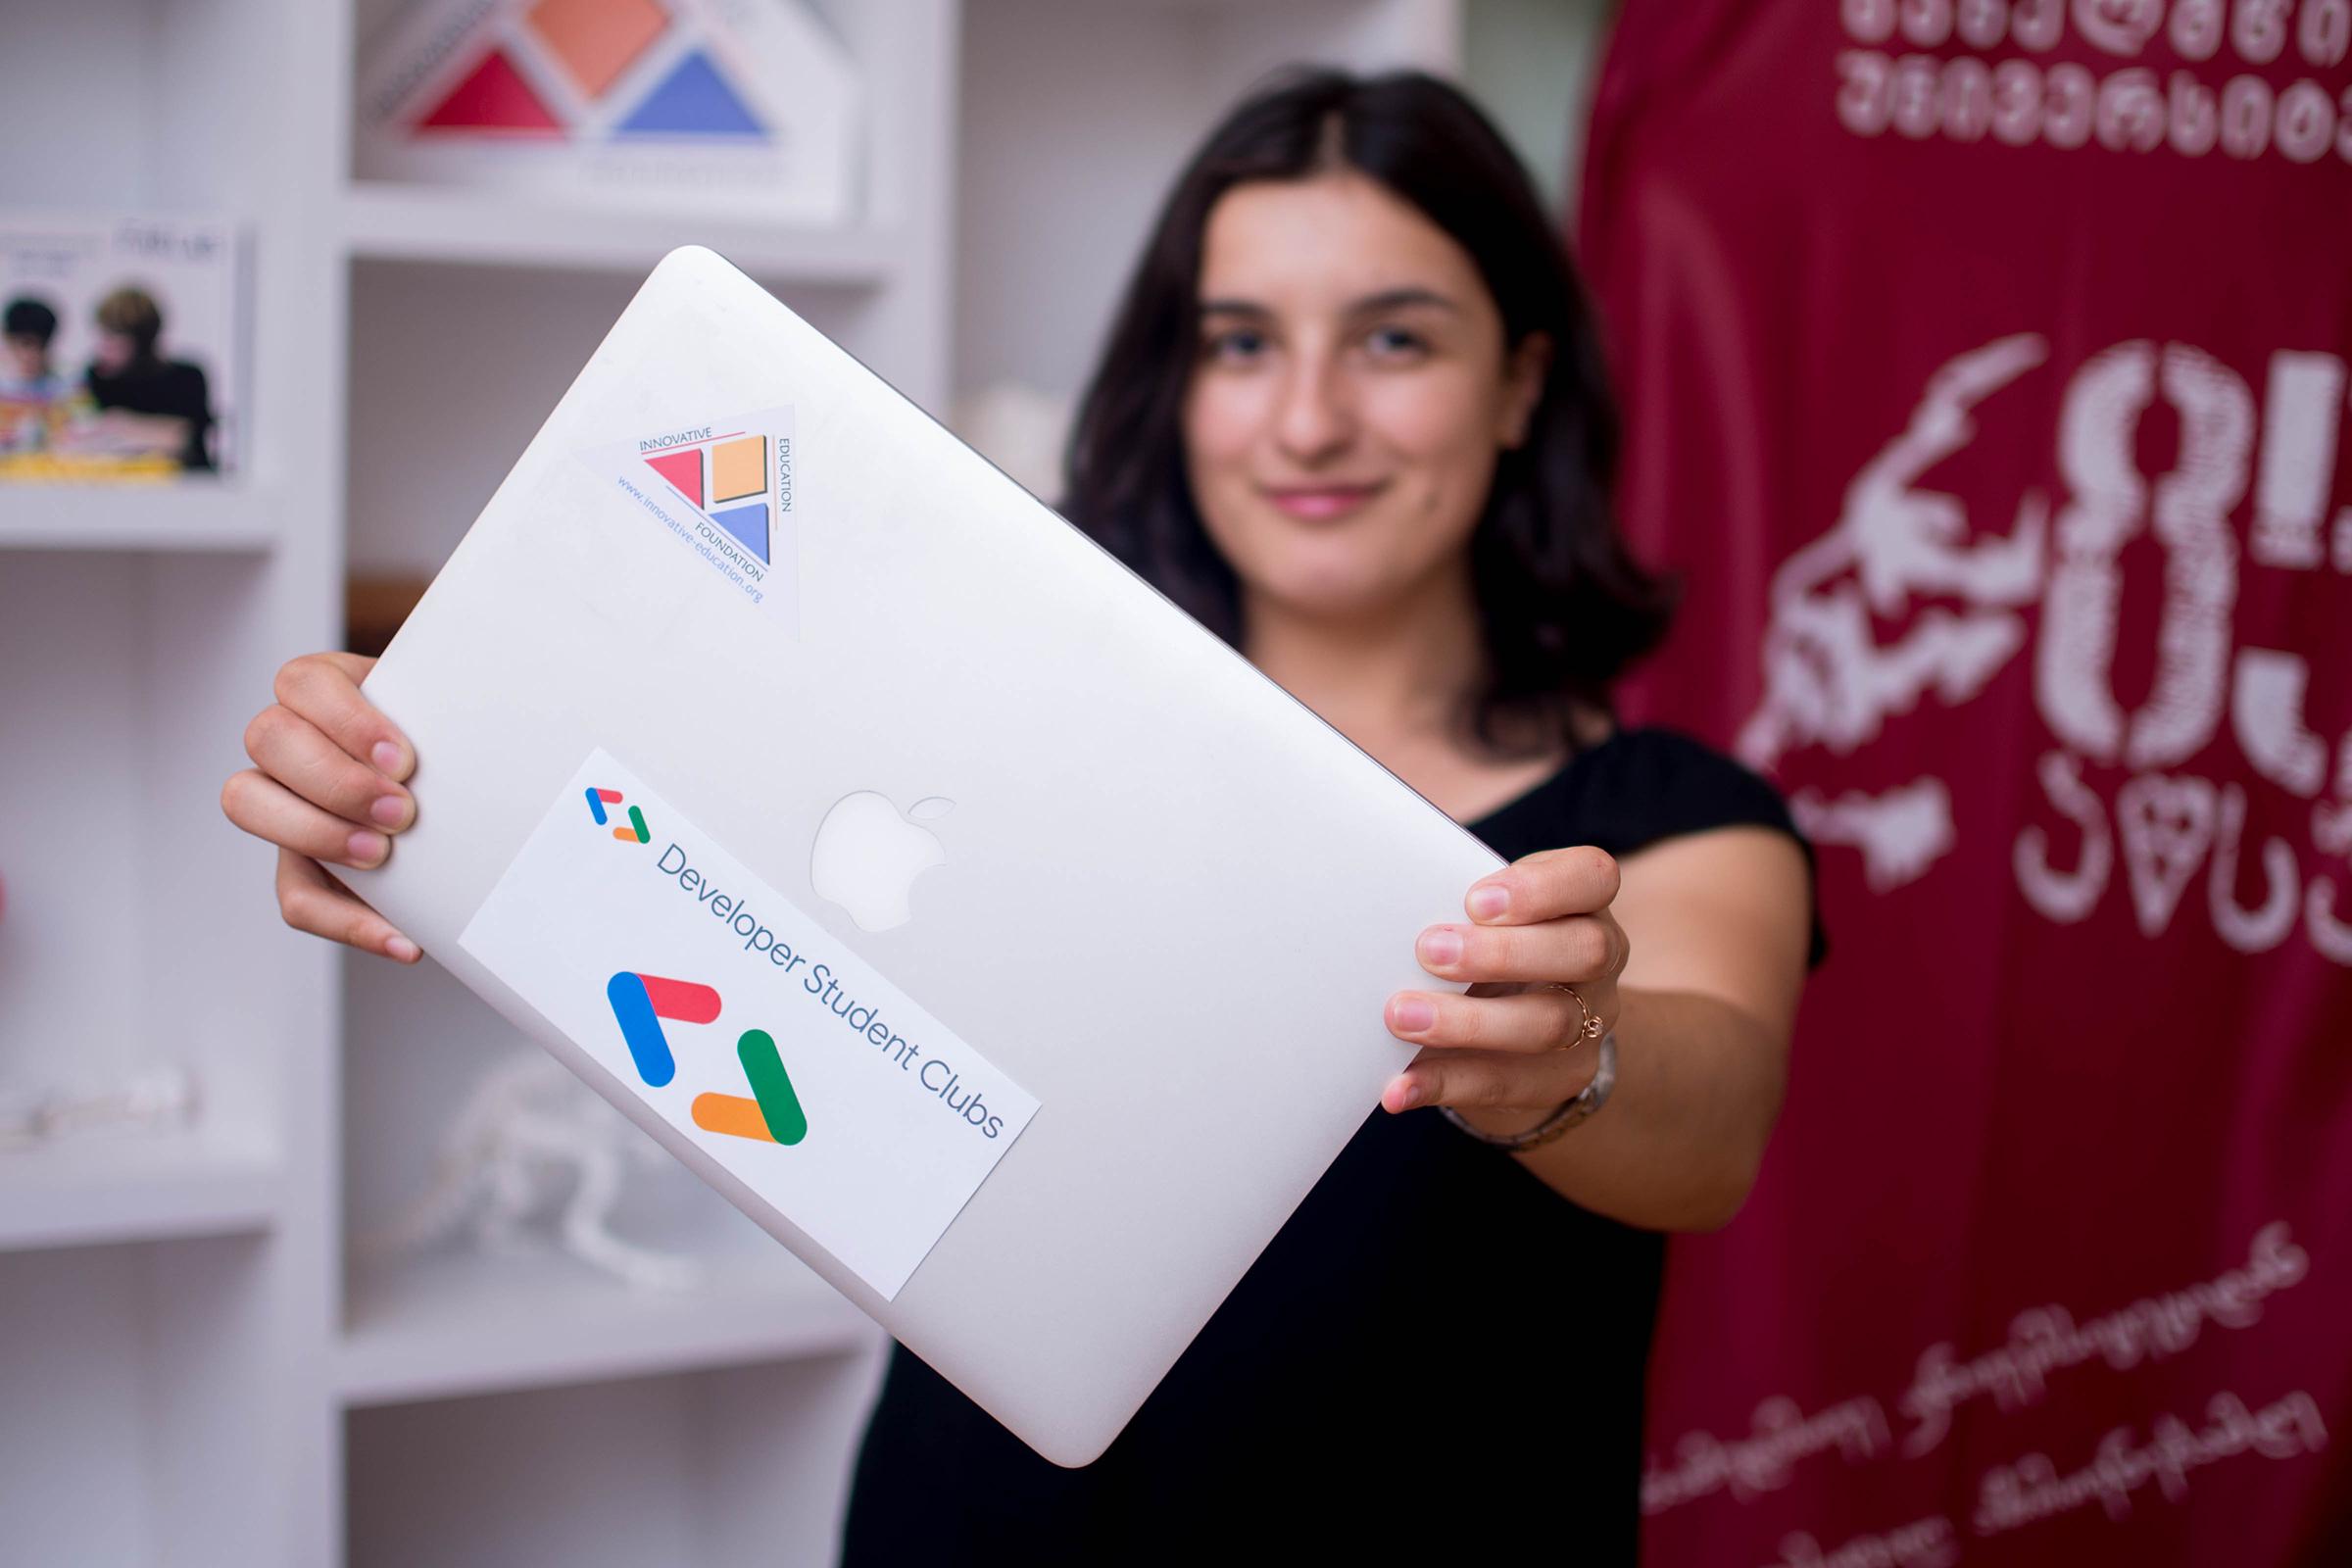 საქართველოში ახალგაზრდა ქალების შემოსავლის გაზრდის შესაძლებლობების შექმნა კოდირებისა და ციფრული უნარების განვითარების მეშვეობით